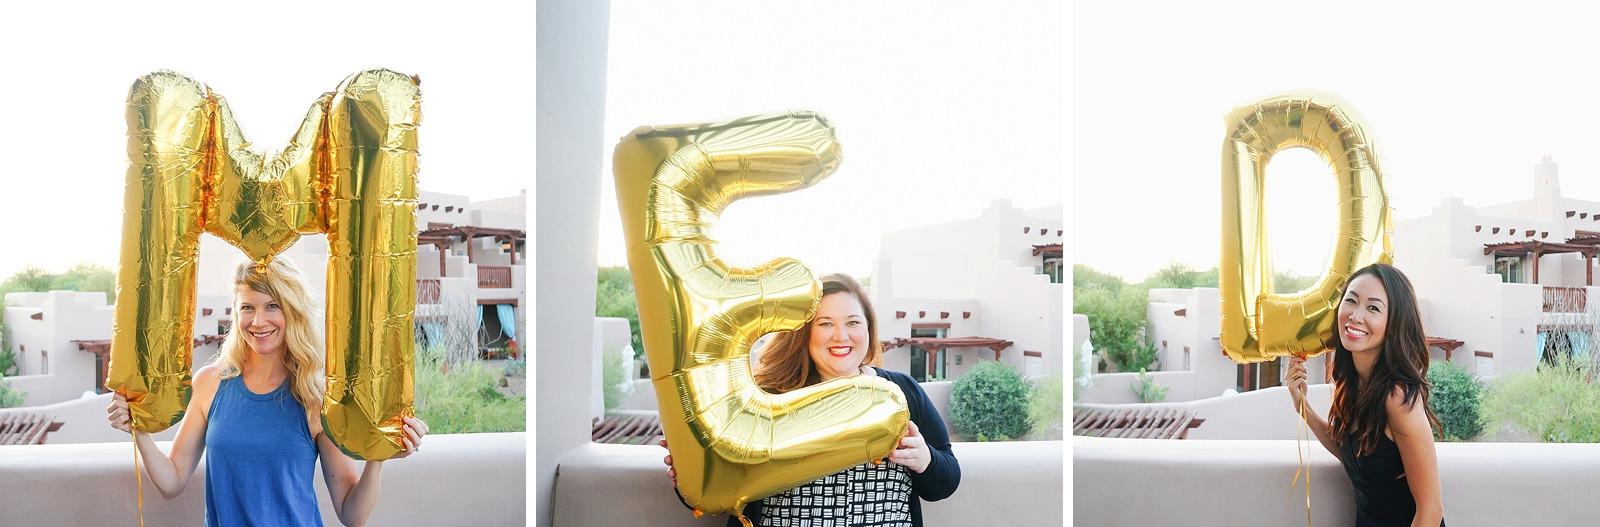 diana-elizabeth-blog-travel-fashion-blogger-phoenix-arizona-scottsdale-troon-four-seasons-scottsdale_0009